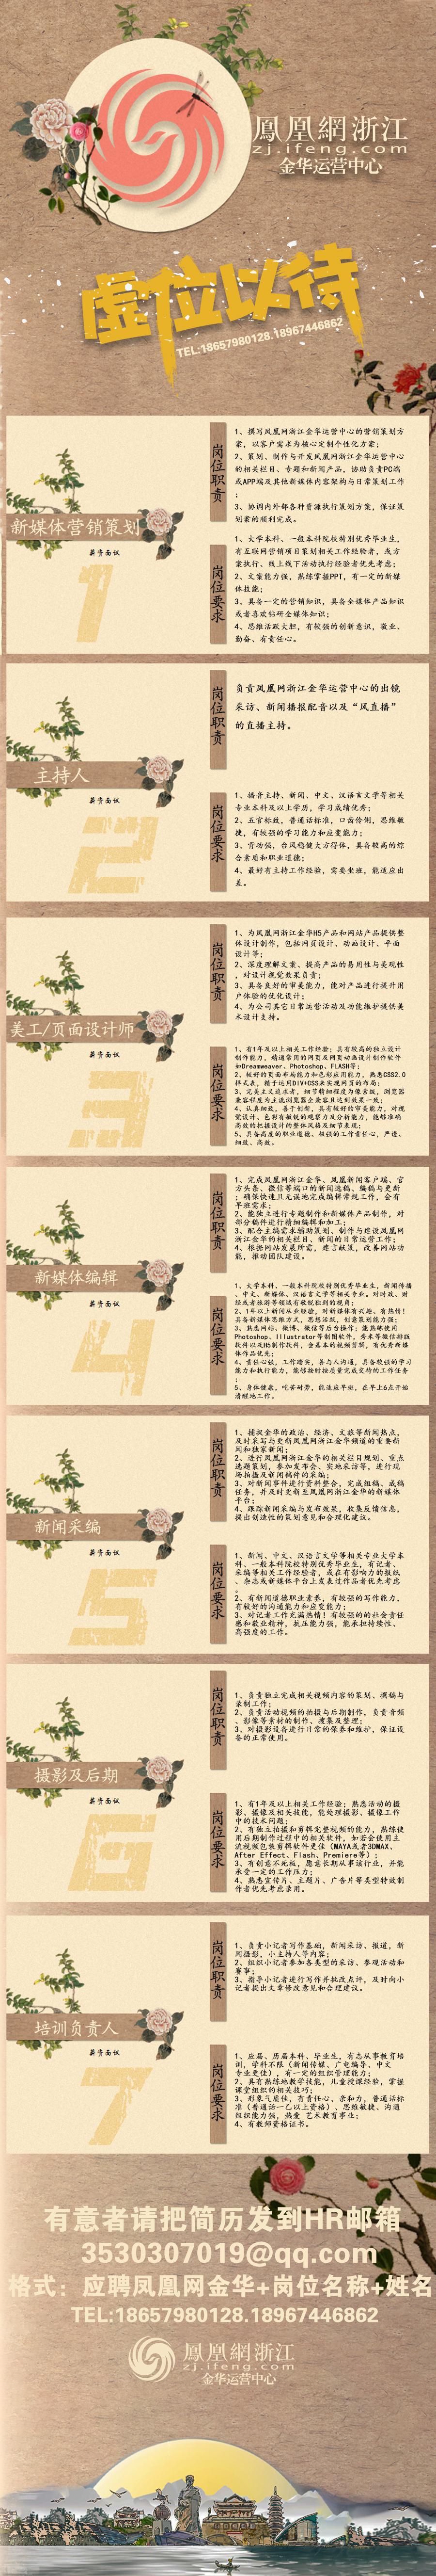 【英雄且留步】凤凰网浙江金华运营中心虚位以待!加入我们 并肩前行